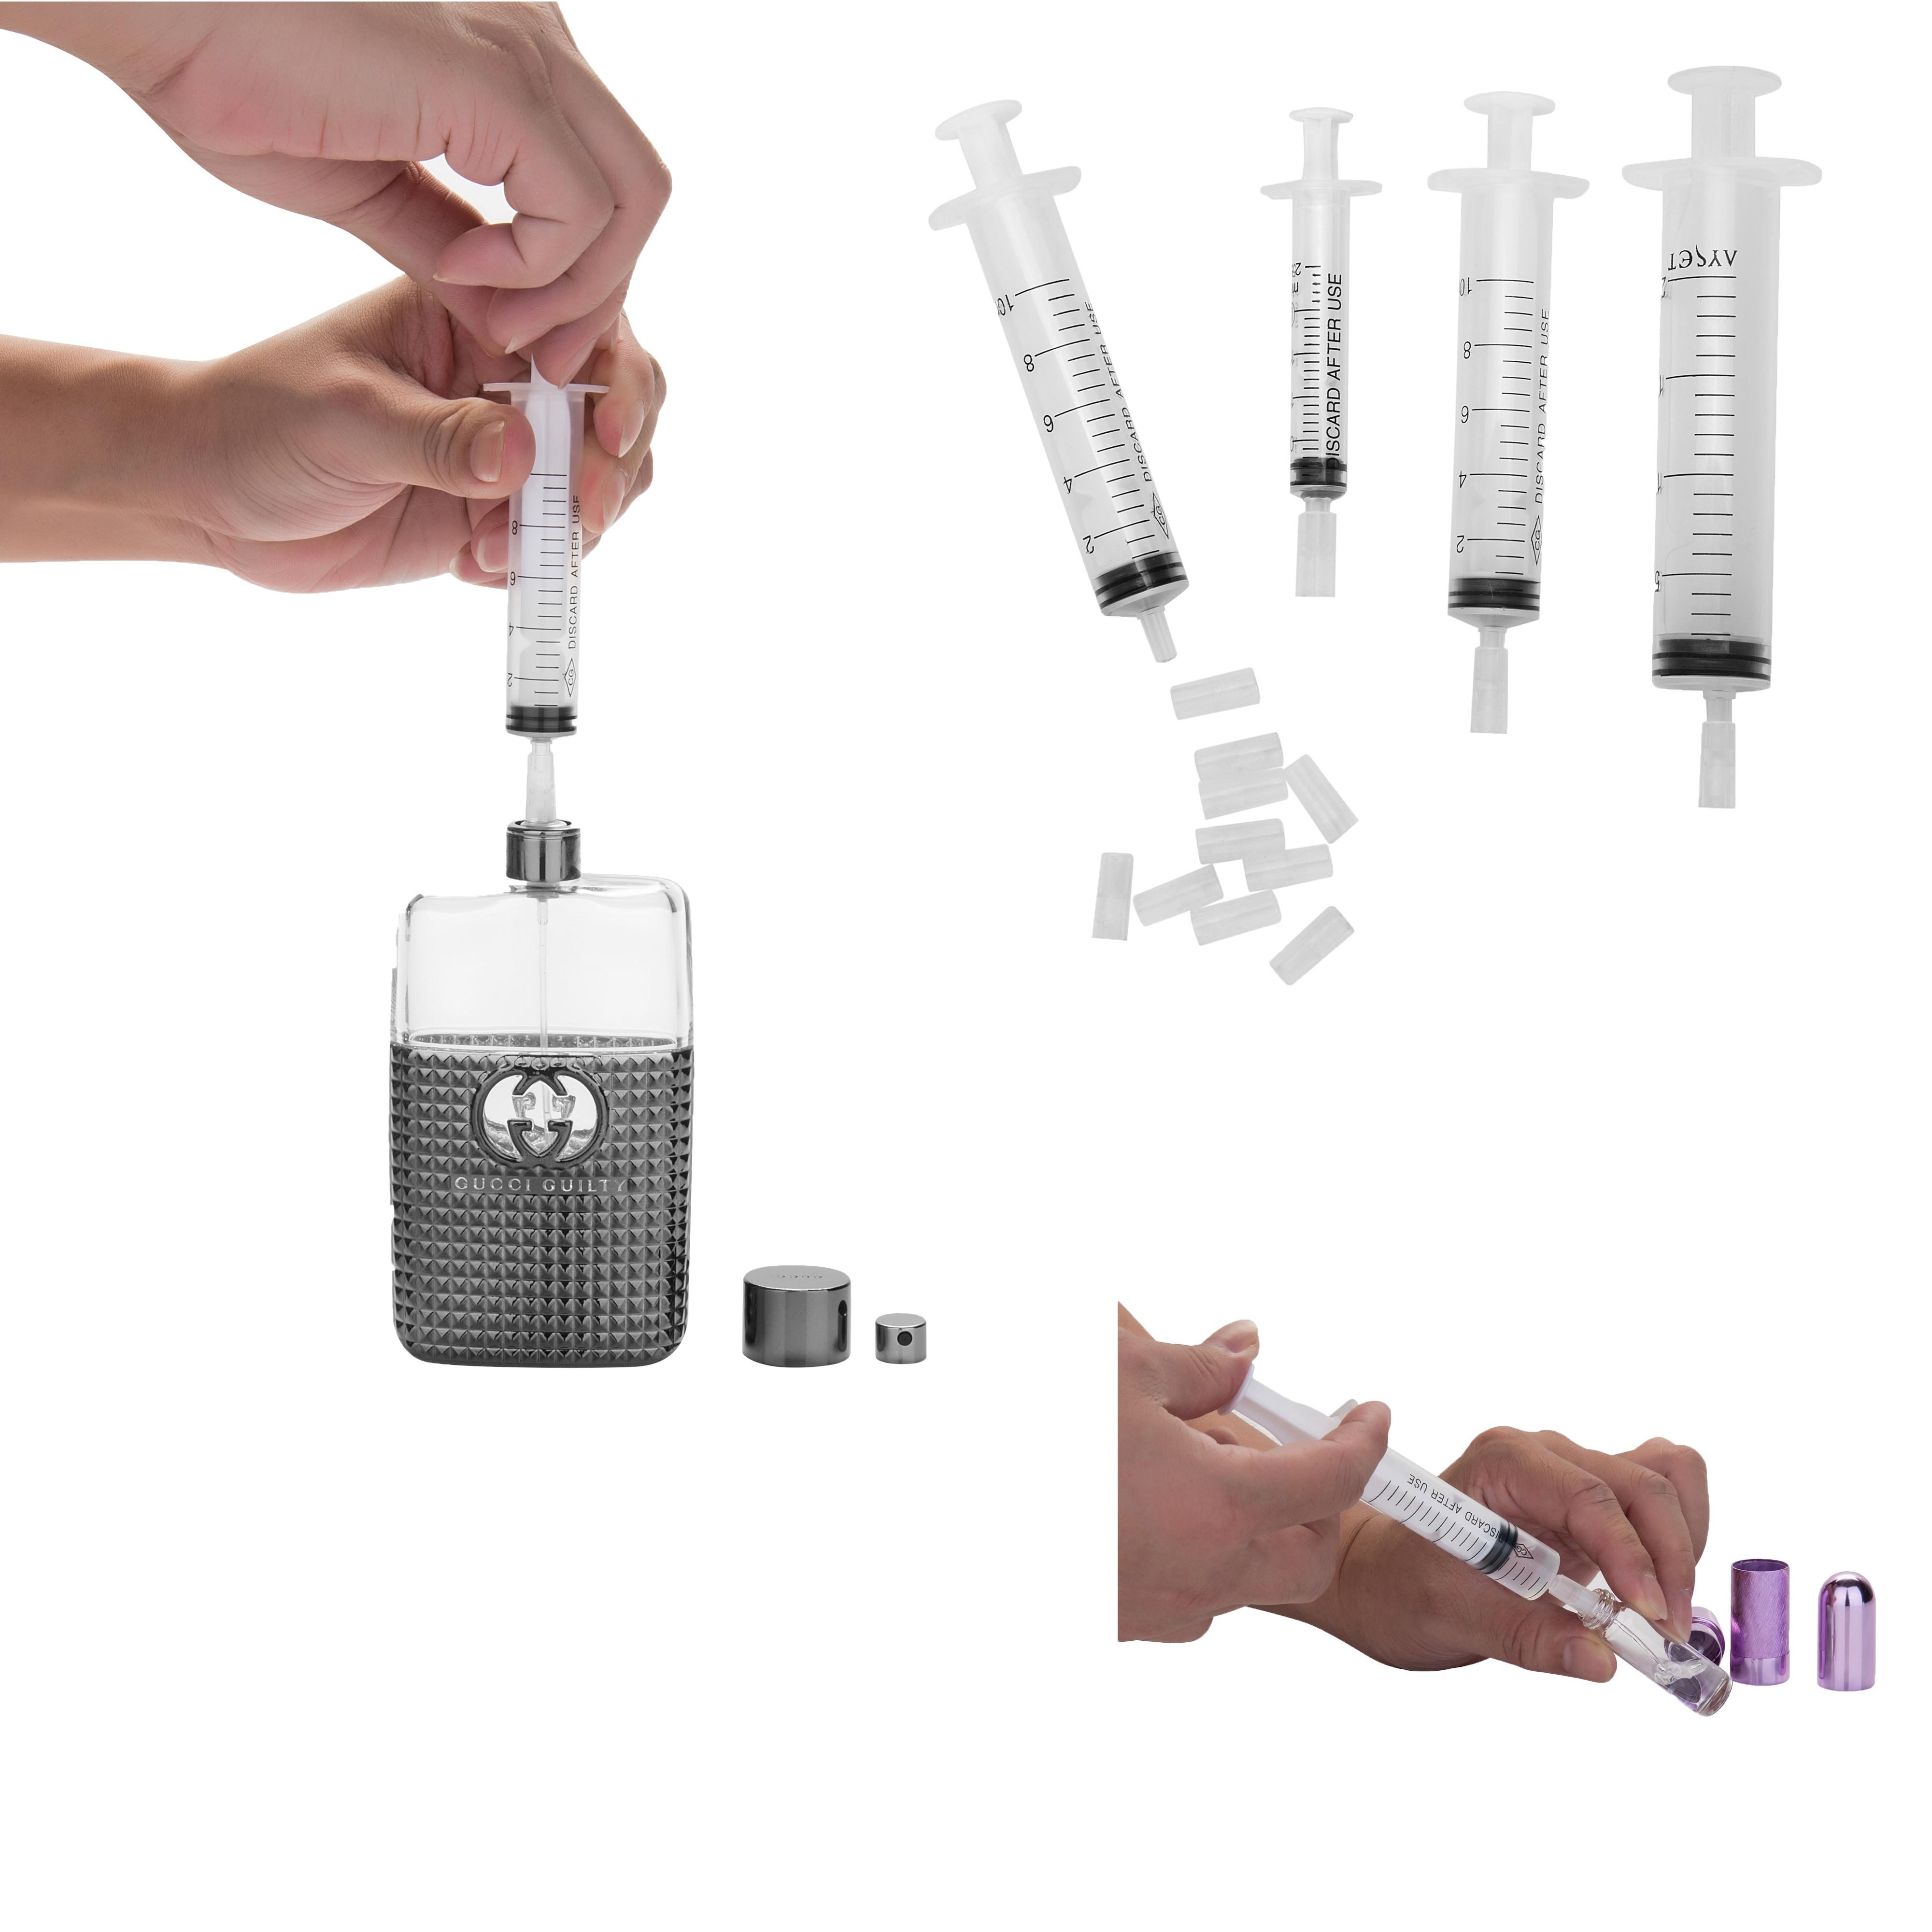 10pcs/lot 10ml Syringe Plastic Perfume Dispenser Tools Refill Perfume Syringe For Refillable Bottle Quantitative Dispensing